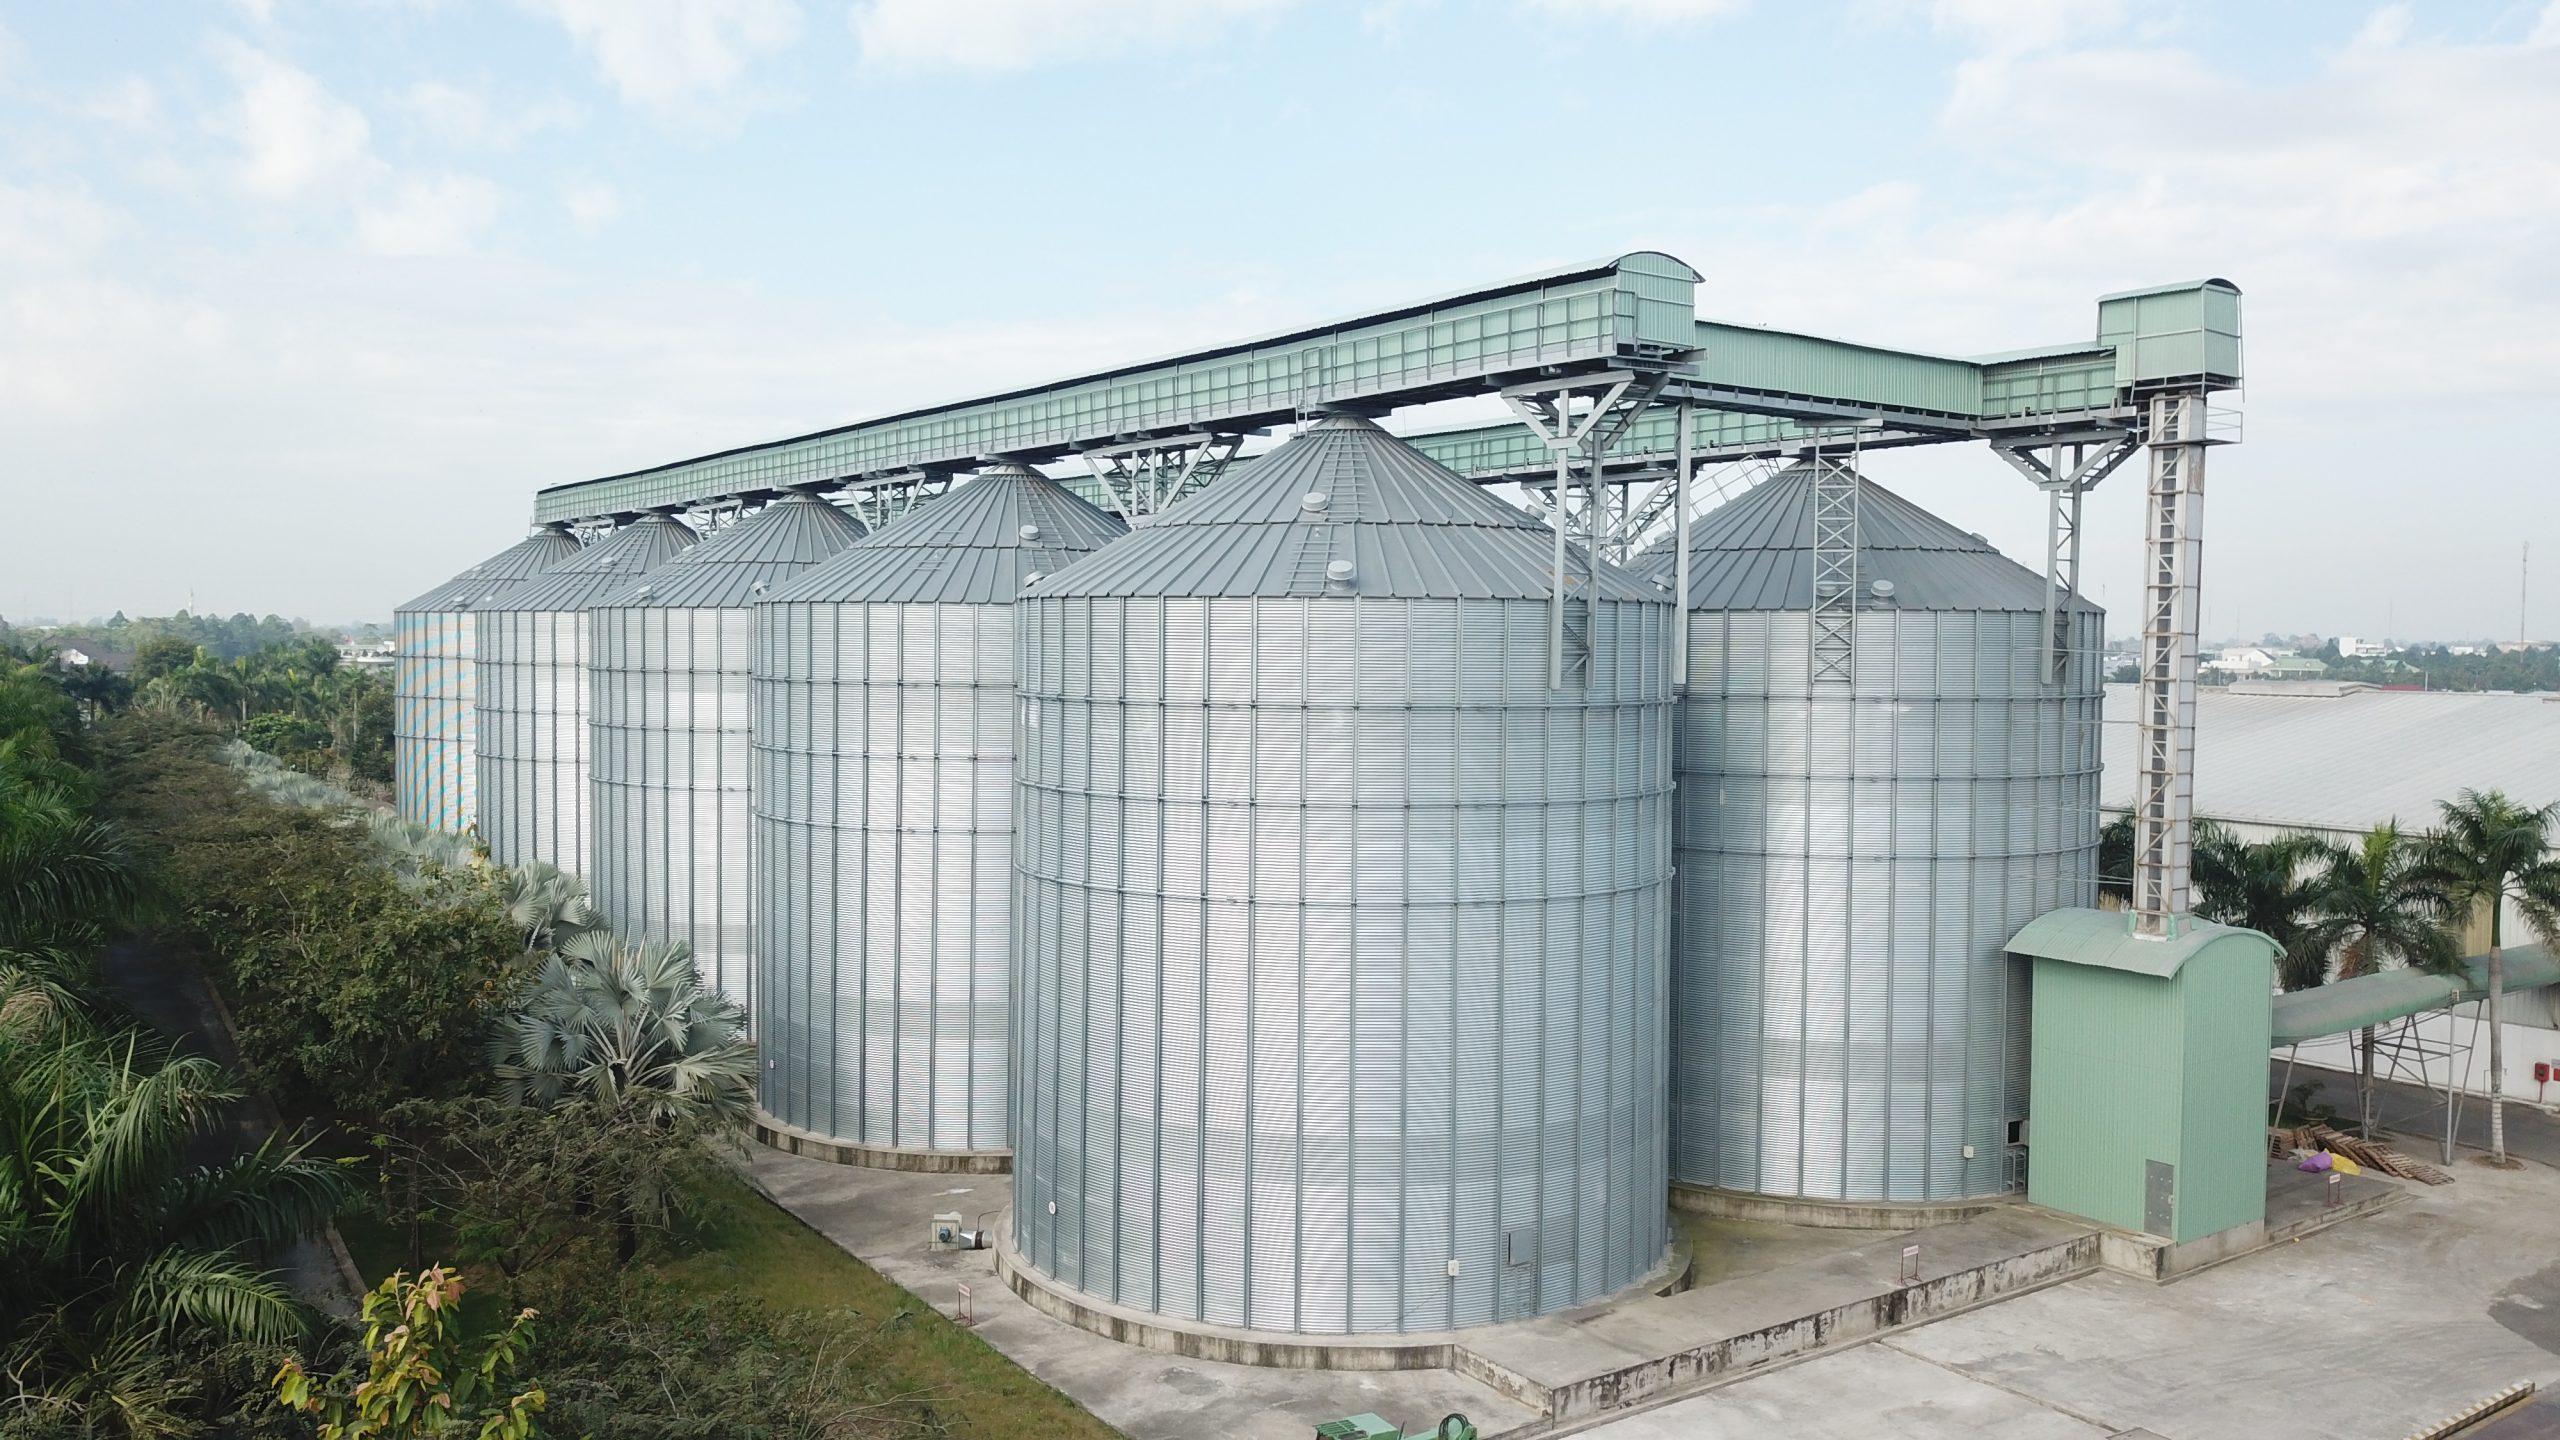 Nông nghiệp Công nghệ cao Trung An ước lãi 40 tỷ đồng trong quý III